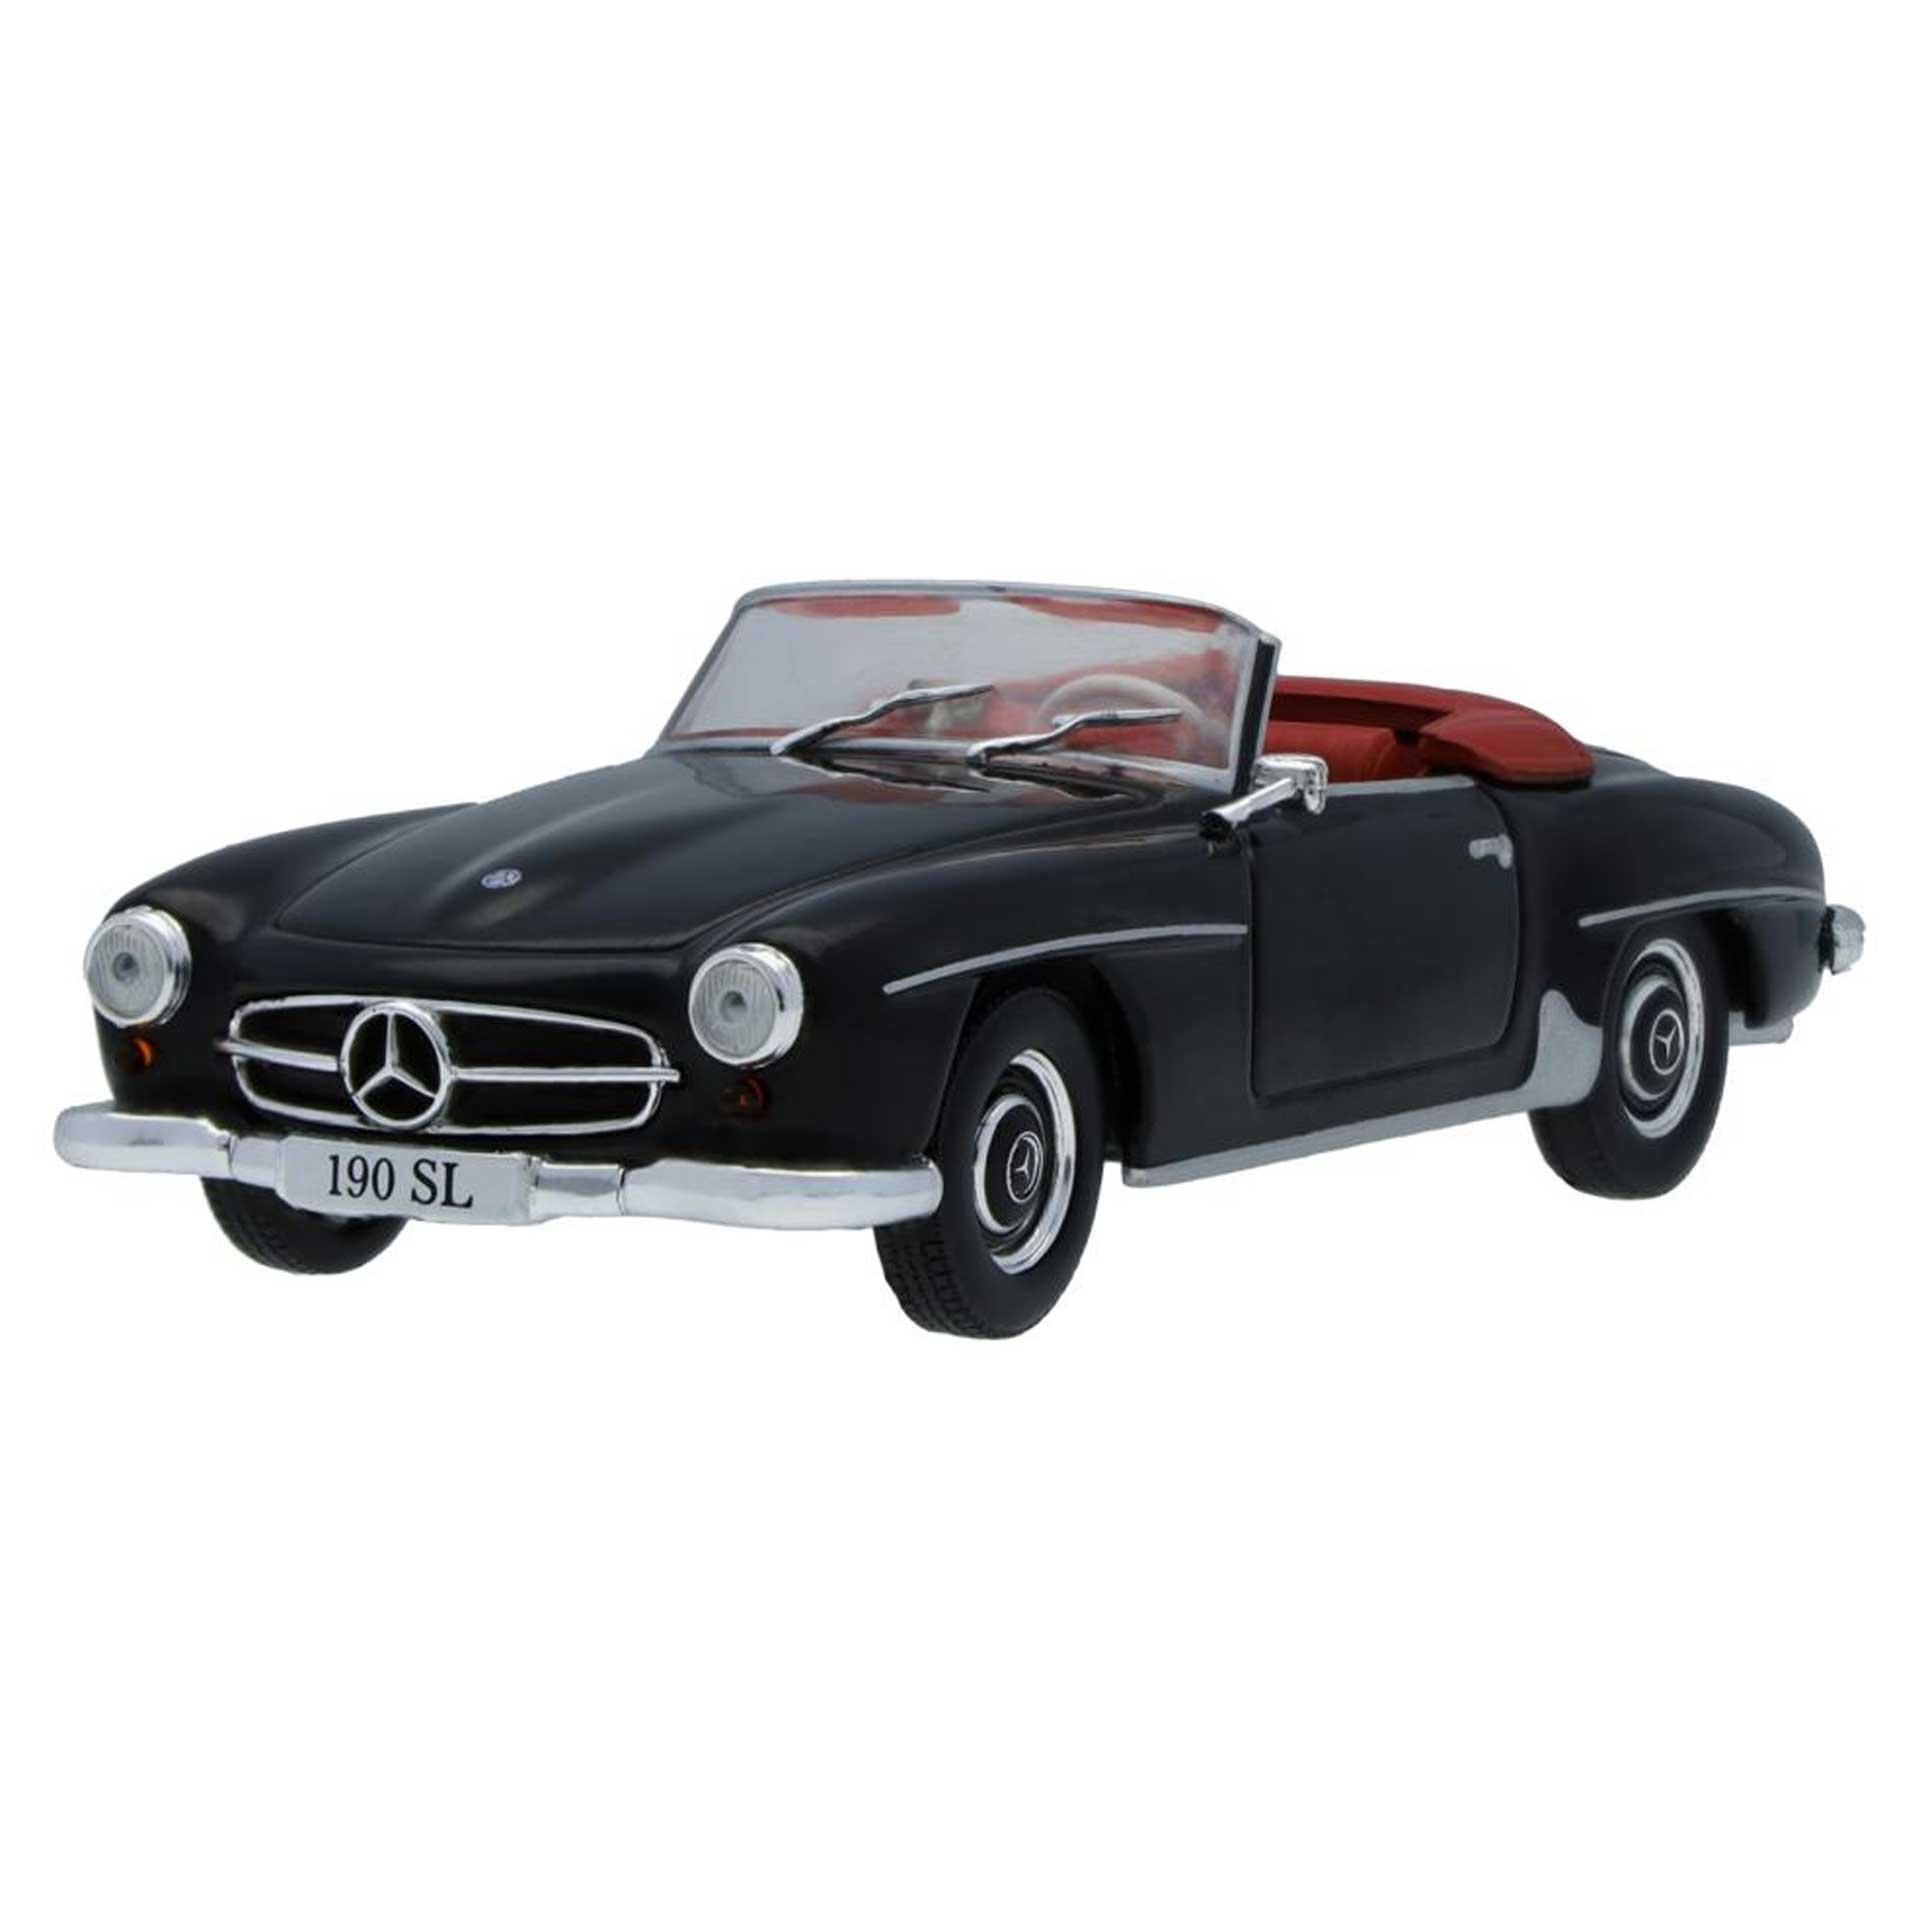 Mercedes-Benz Modellauto 190 SL W 121 (1955-1963) schwarz 1:43